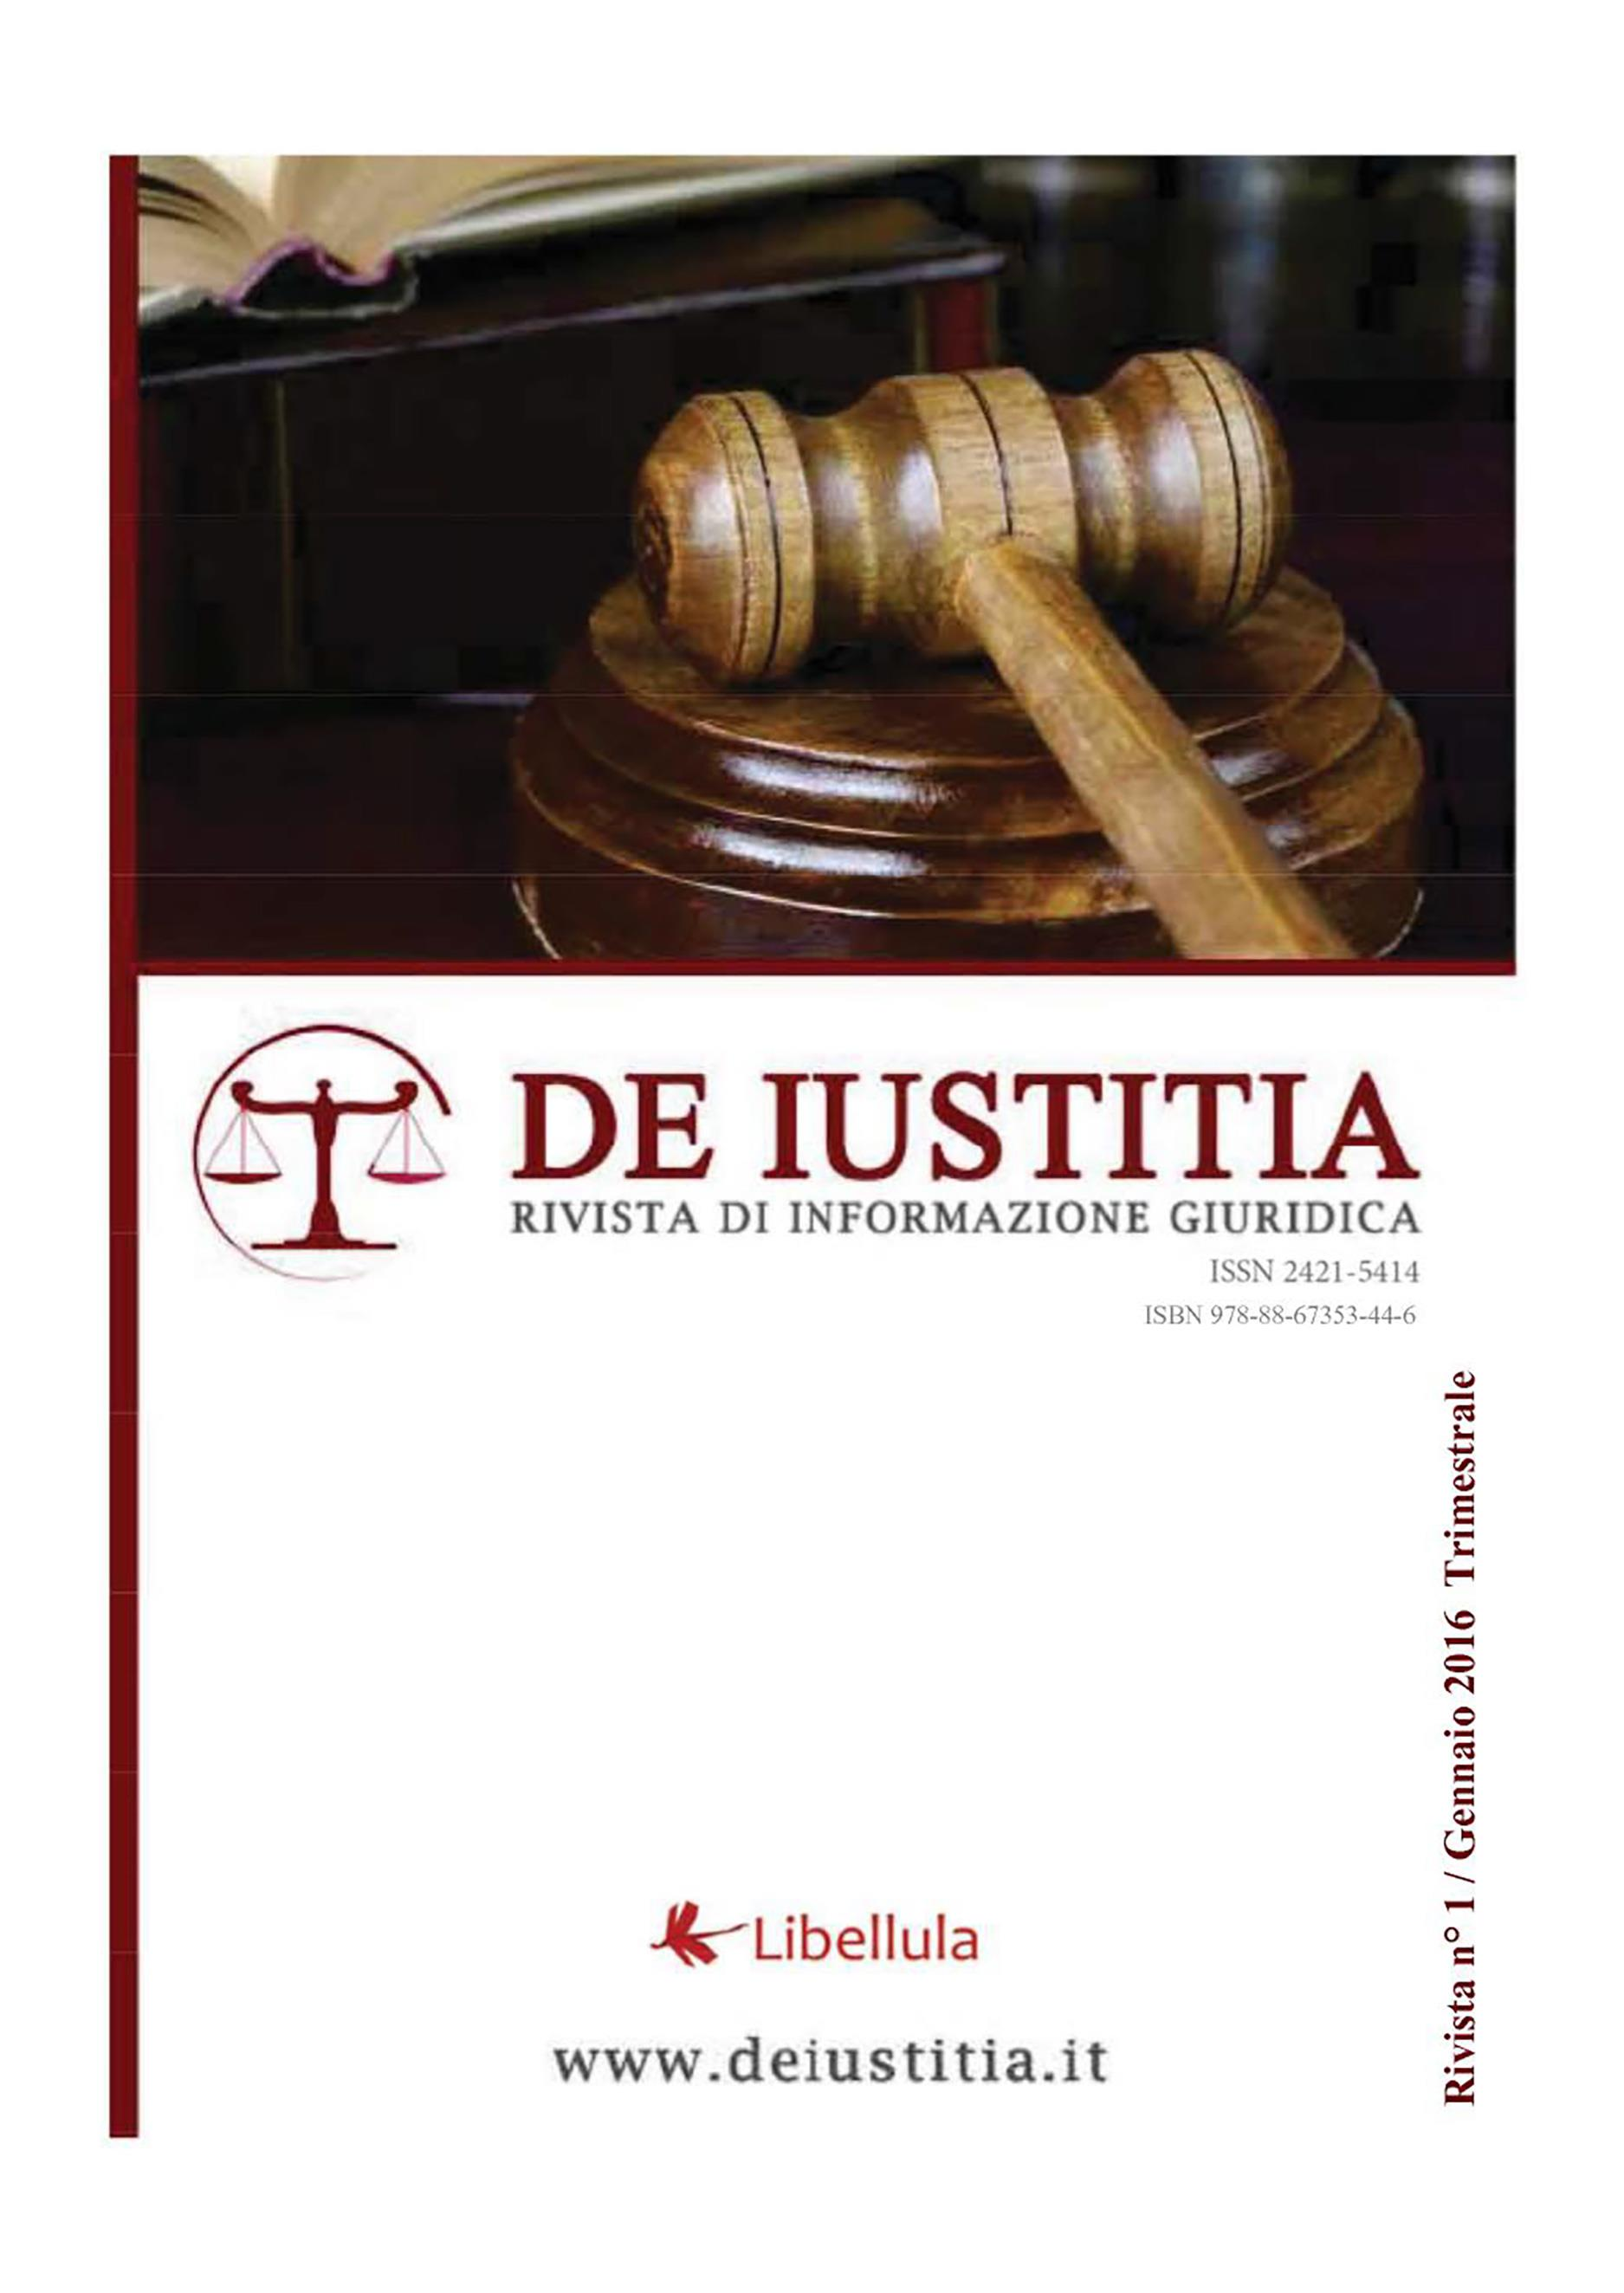 De Iustitia - Rivista di informazione giuridica - N. 1 Gennaio 2016